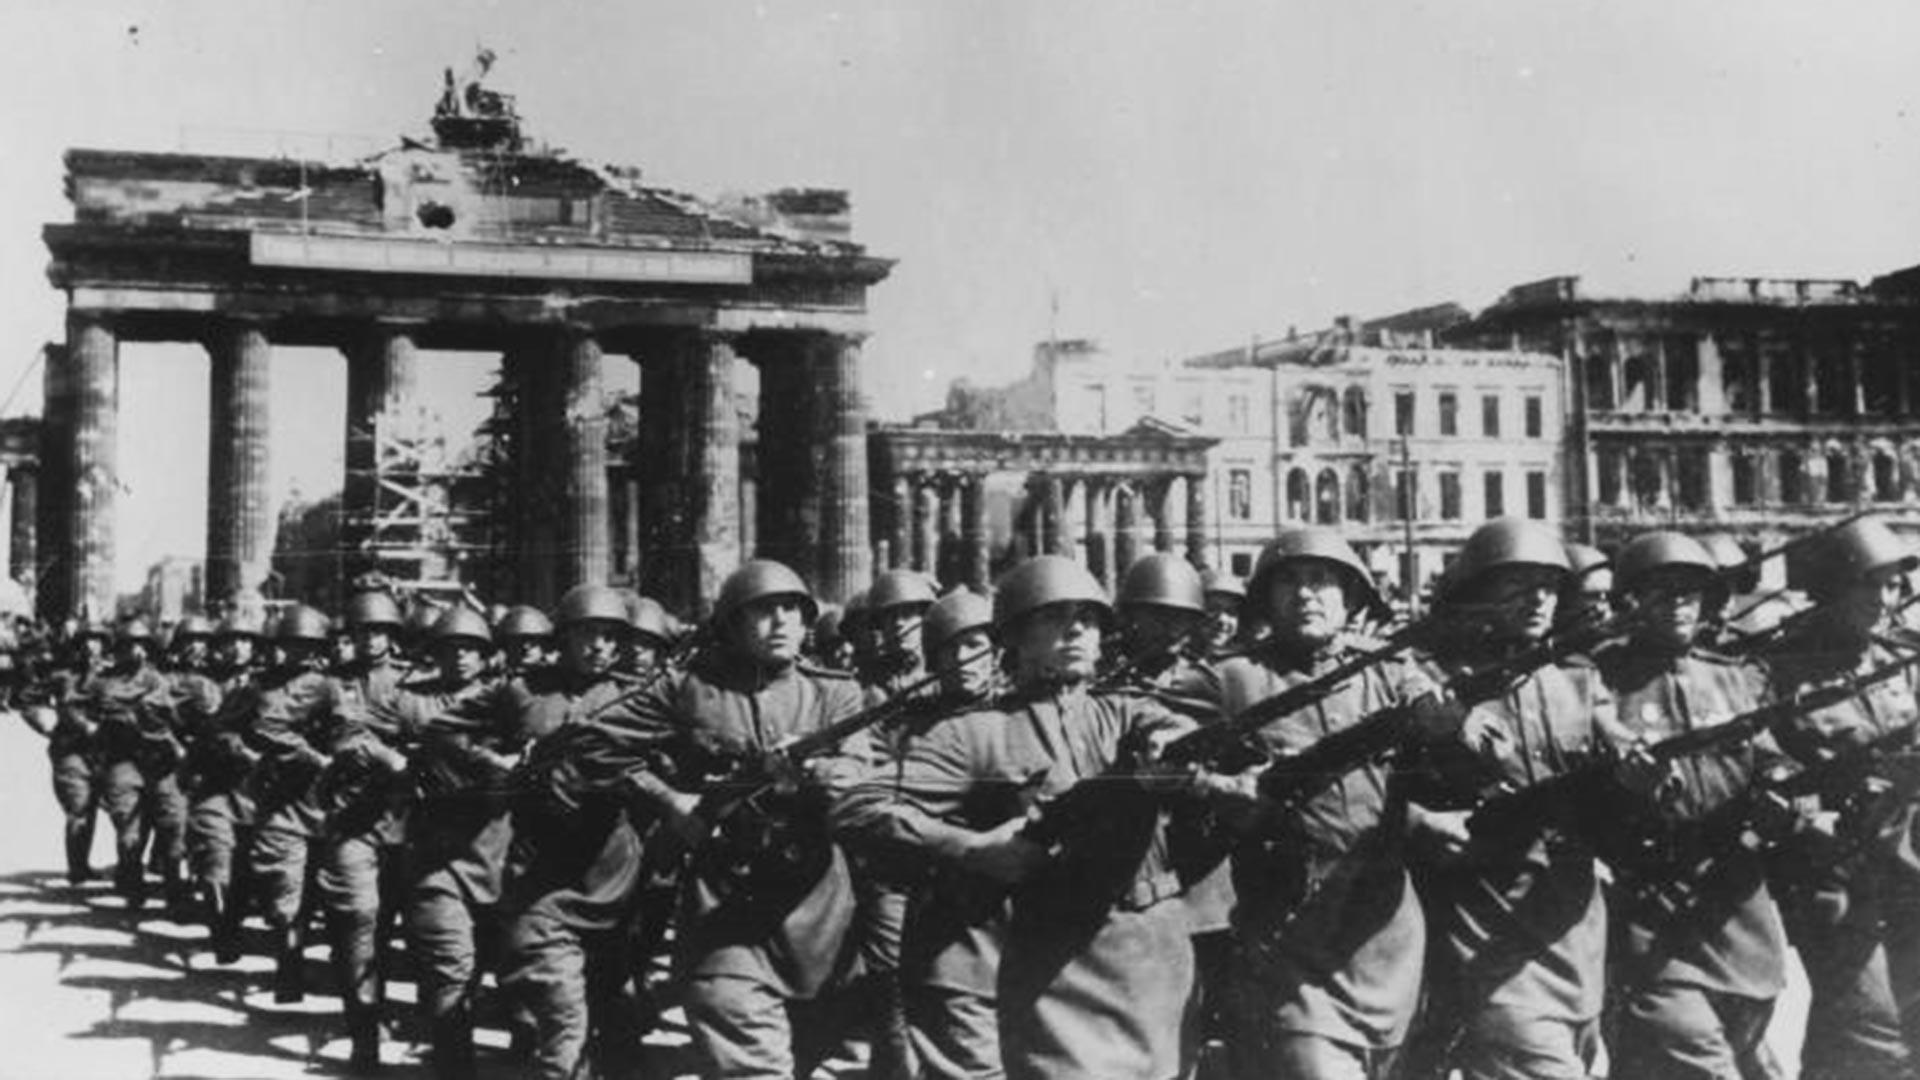 Совјетске трупе током Параде Победе савезничких снага у Берлину.